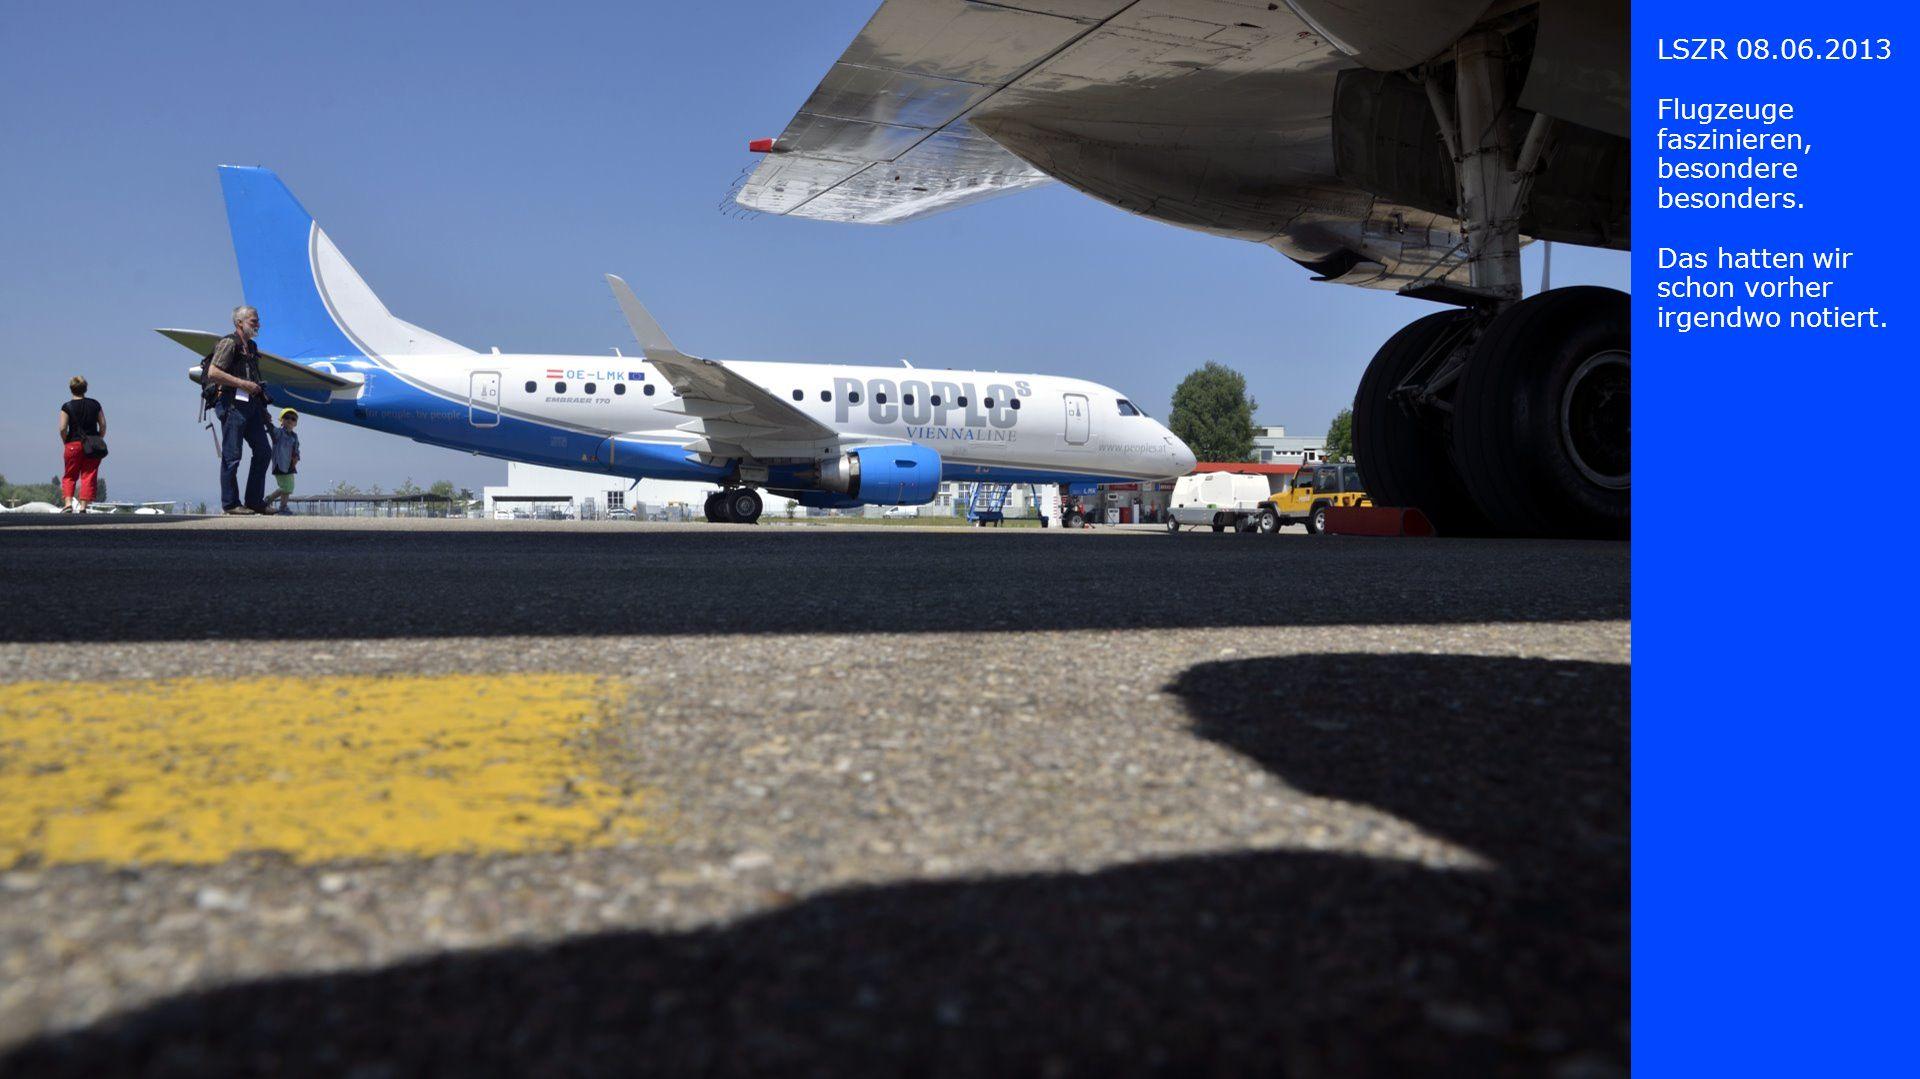 LSZR 08.06.2013 Flugzeuge faszinieren, besondere besonders. Das hatten wir schon vorher irgendwo notiert.